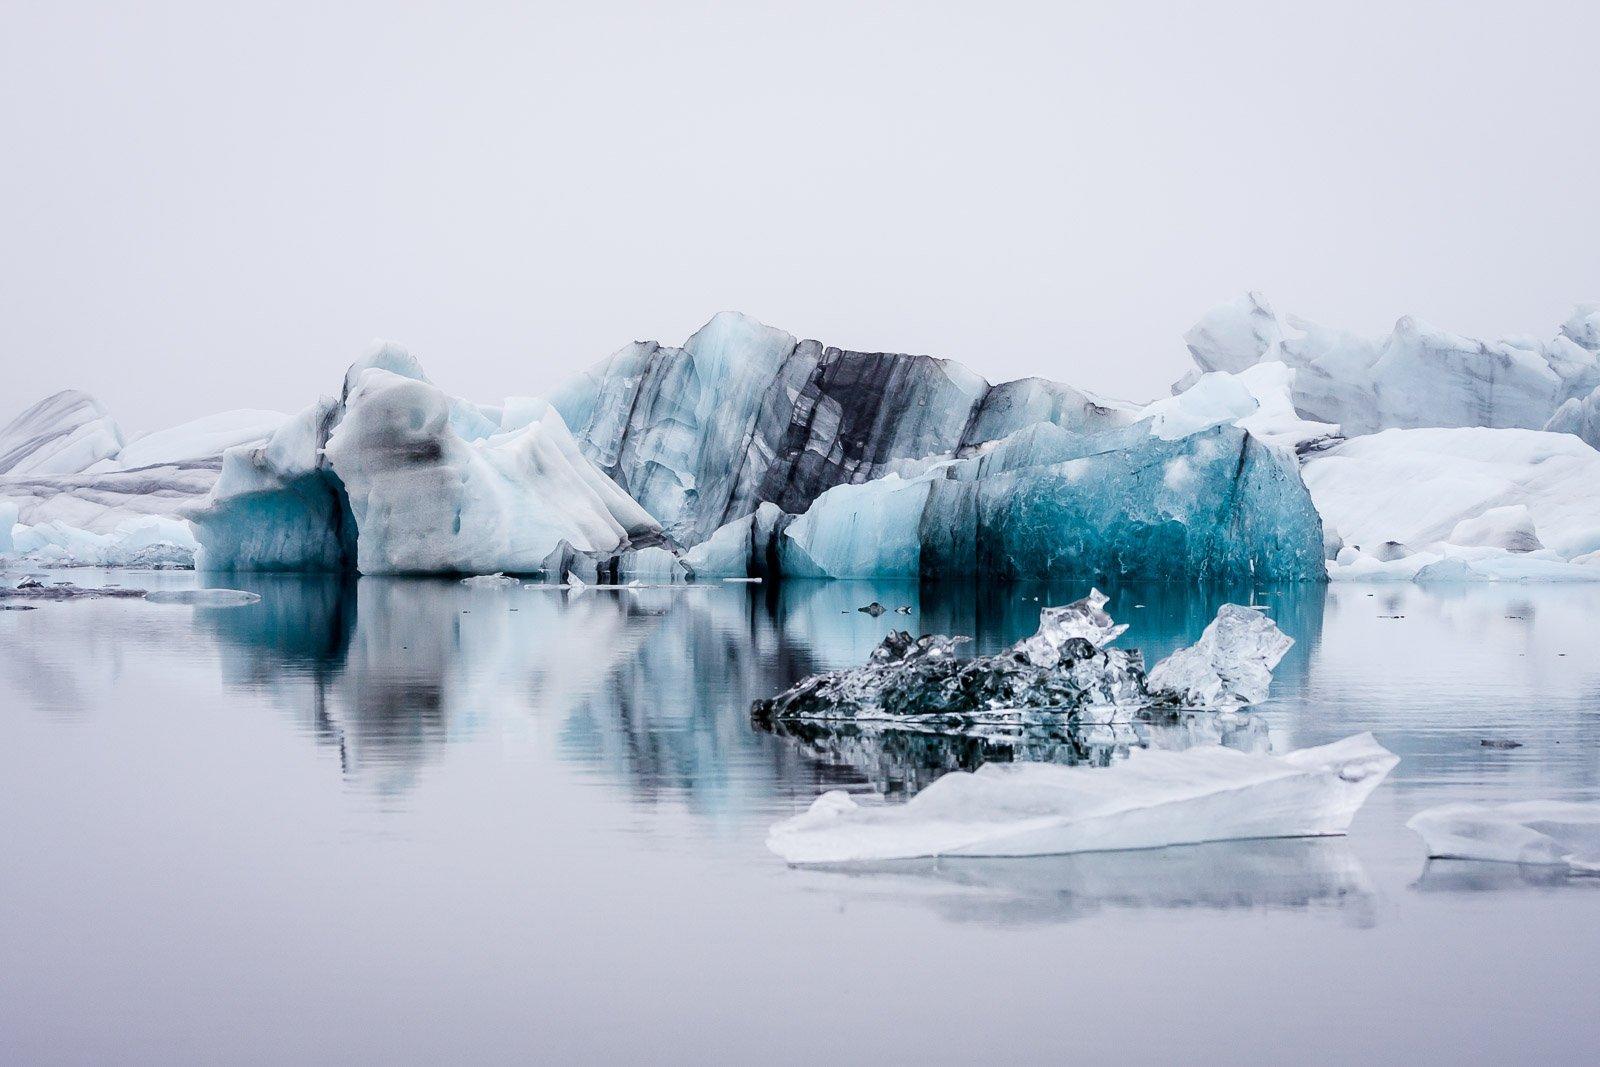 Schnee Fotografie Tipps